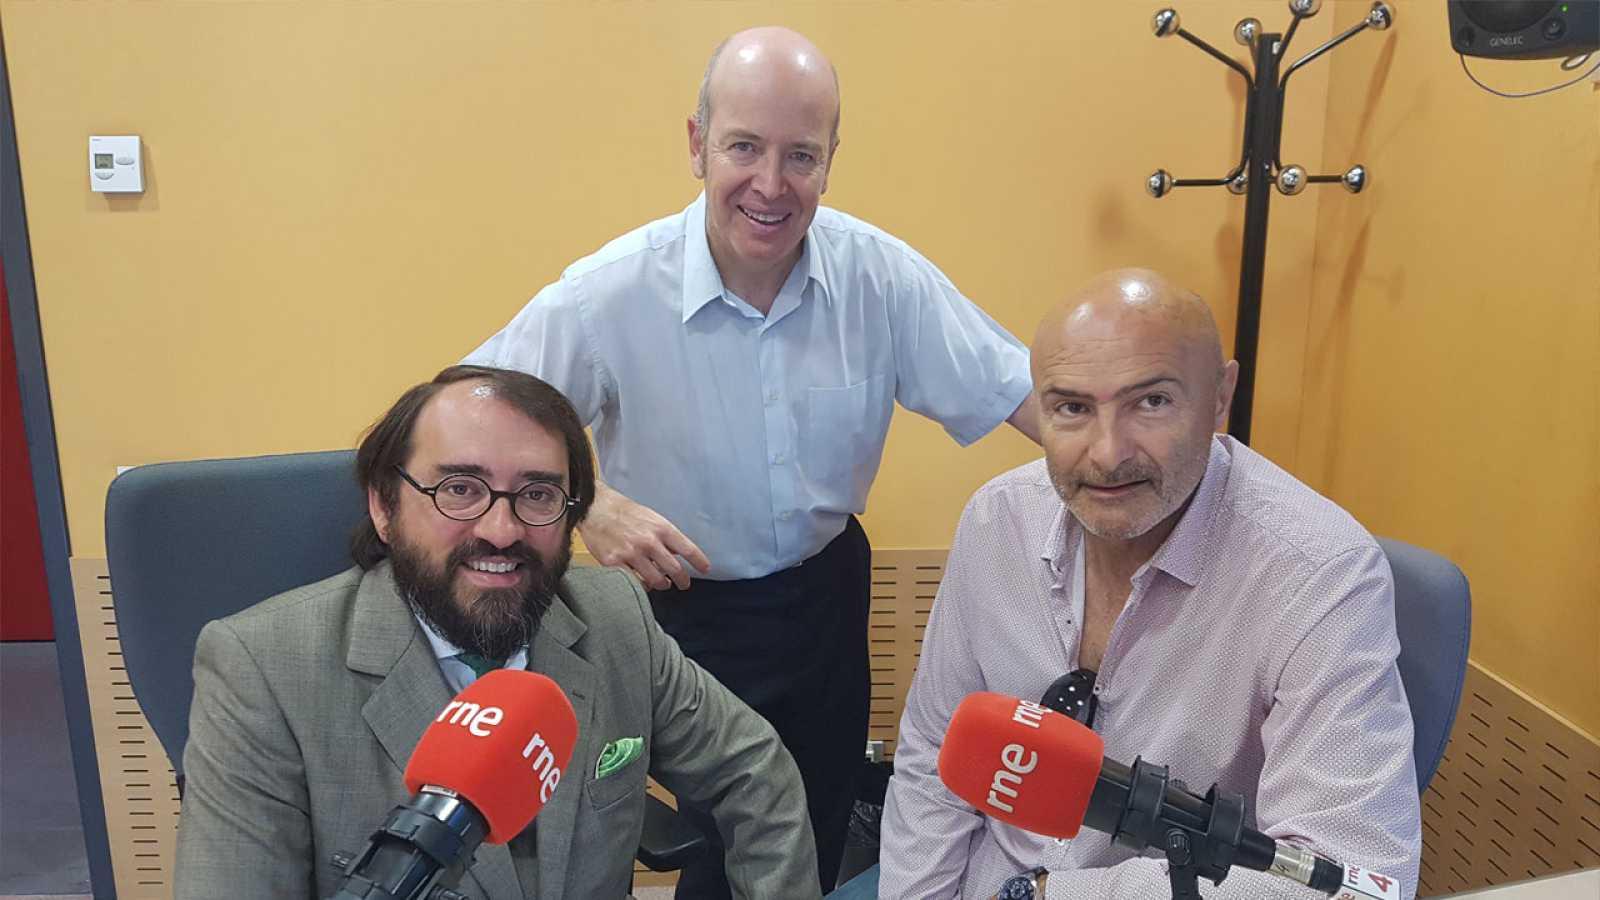 Econòmix - 'La segona oportunitat i la nova directiva europea' amb Joan Carles Codina i José María Torres